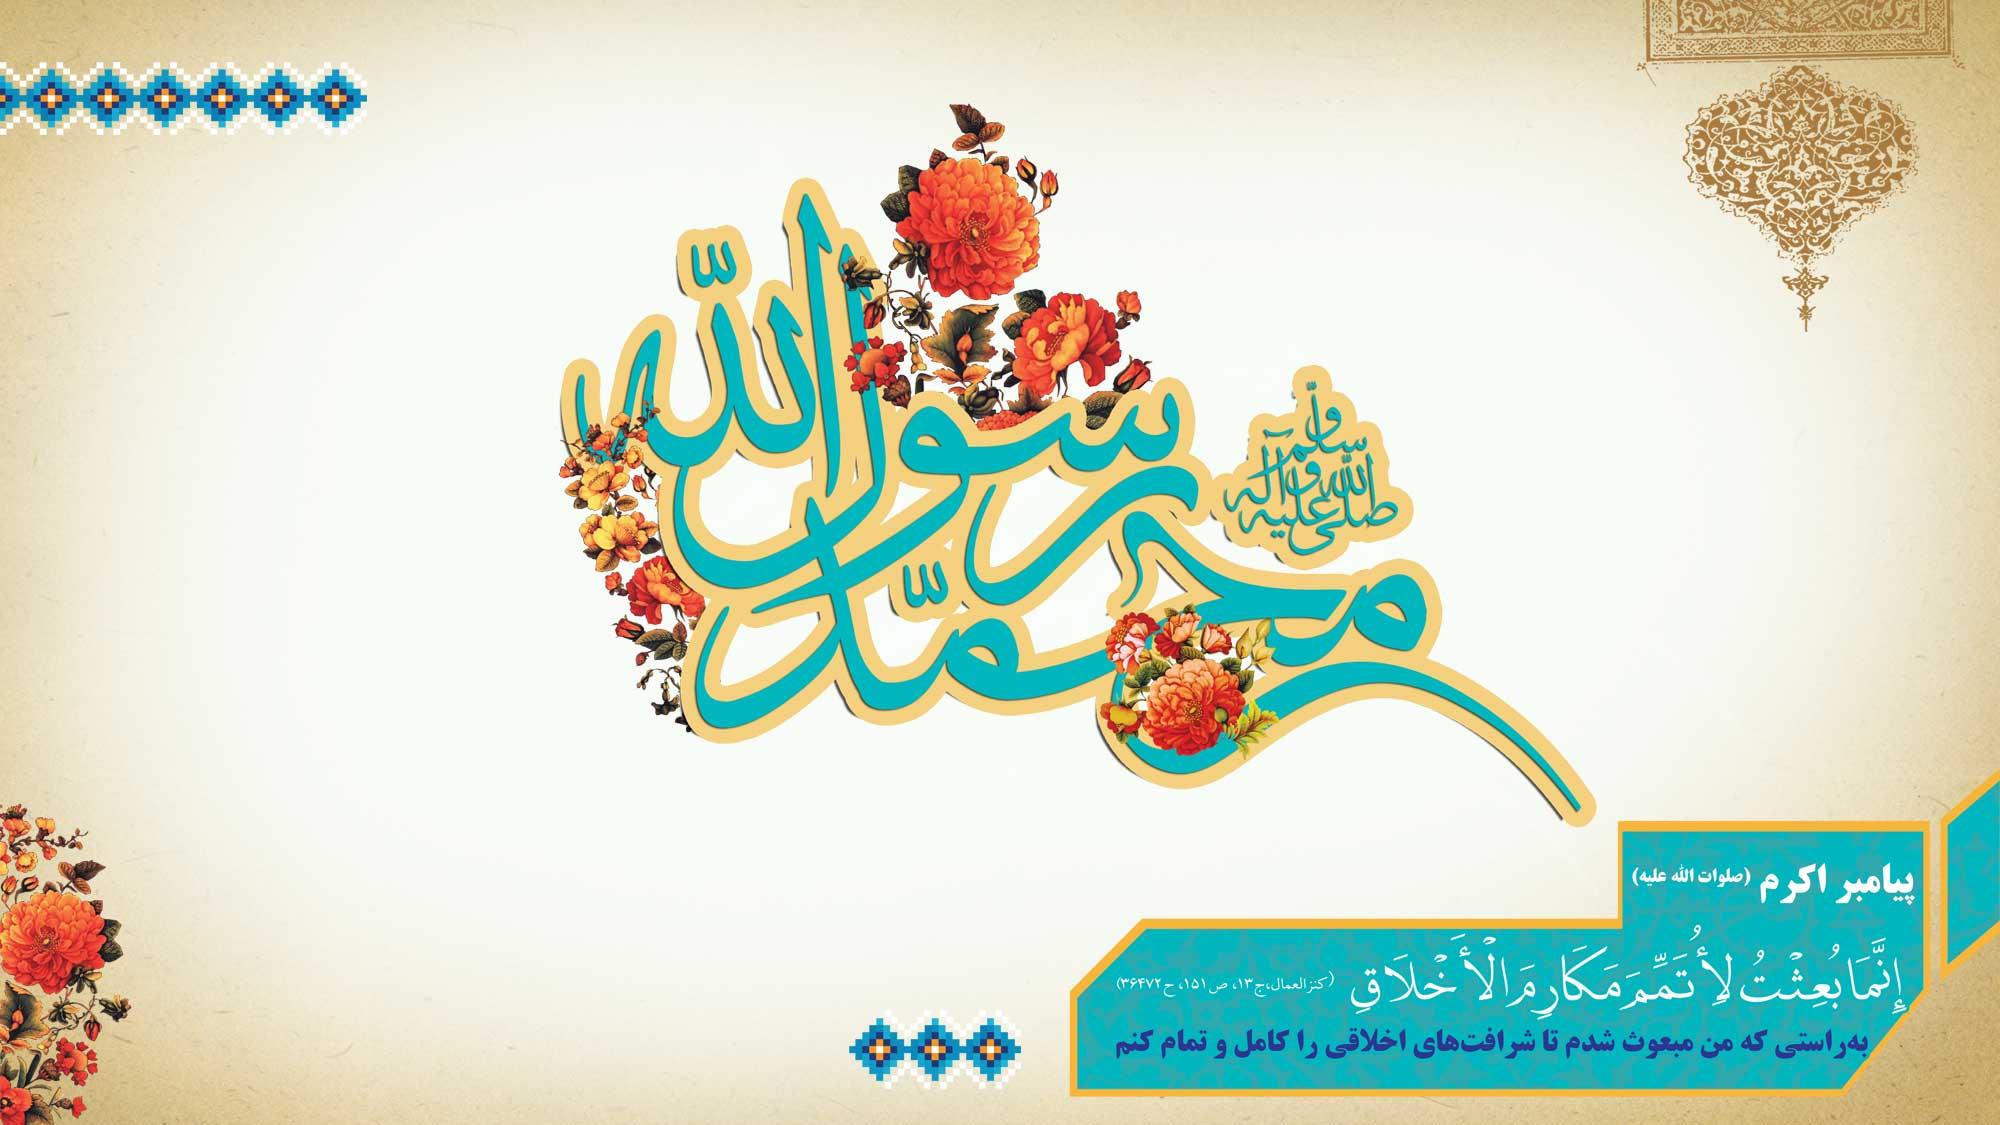 عکس نوشته جدید تبریک ولادت حضرت محمد